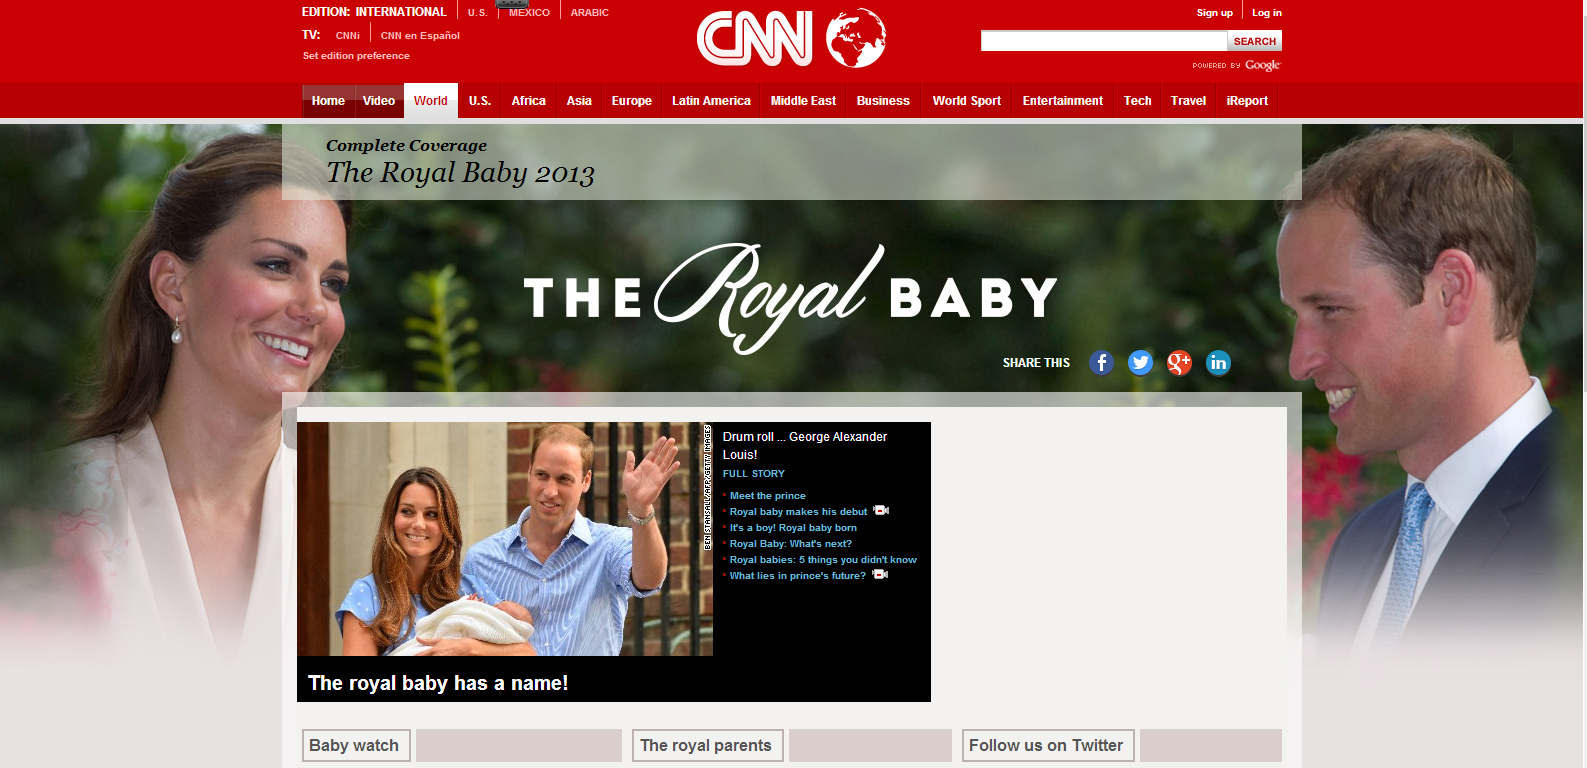 CNN nawet utworzyło oddzielną stronę poświęconą tylko Royal Baby